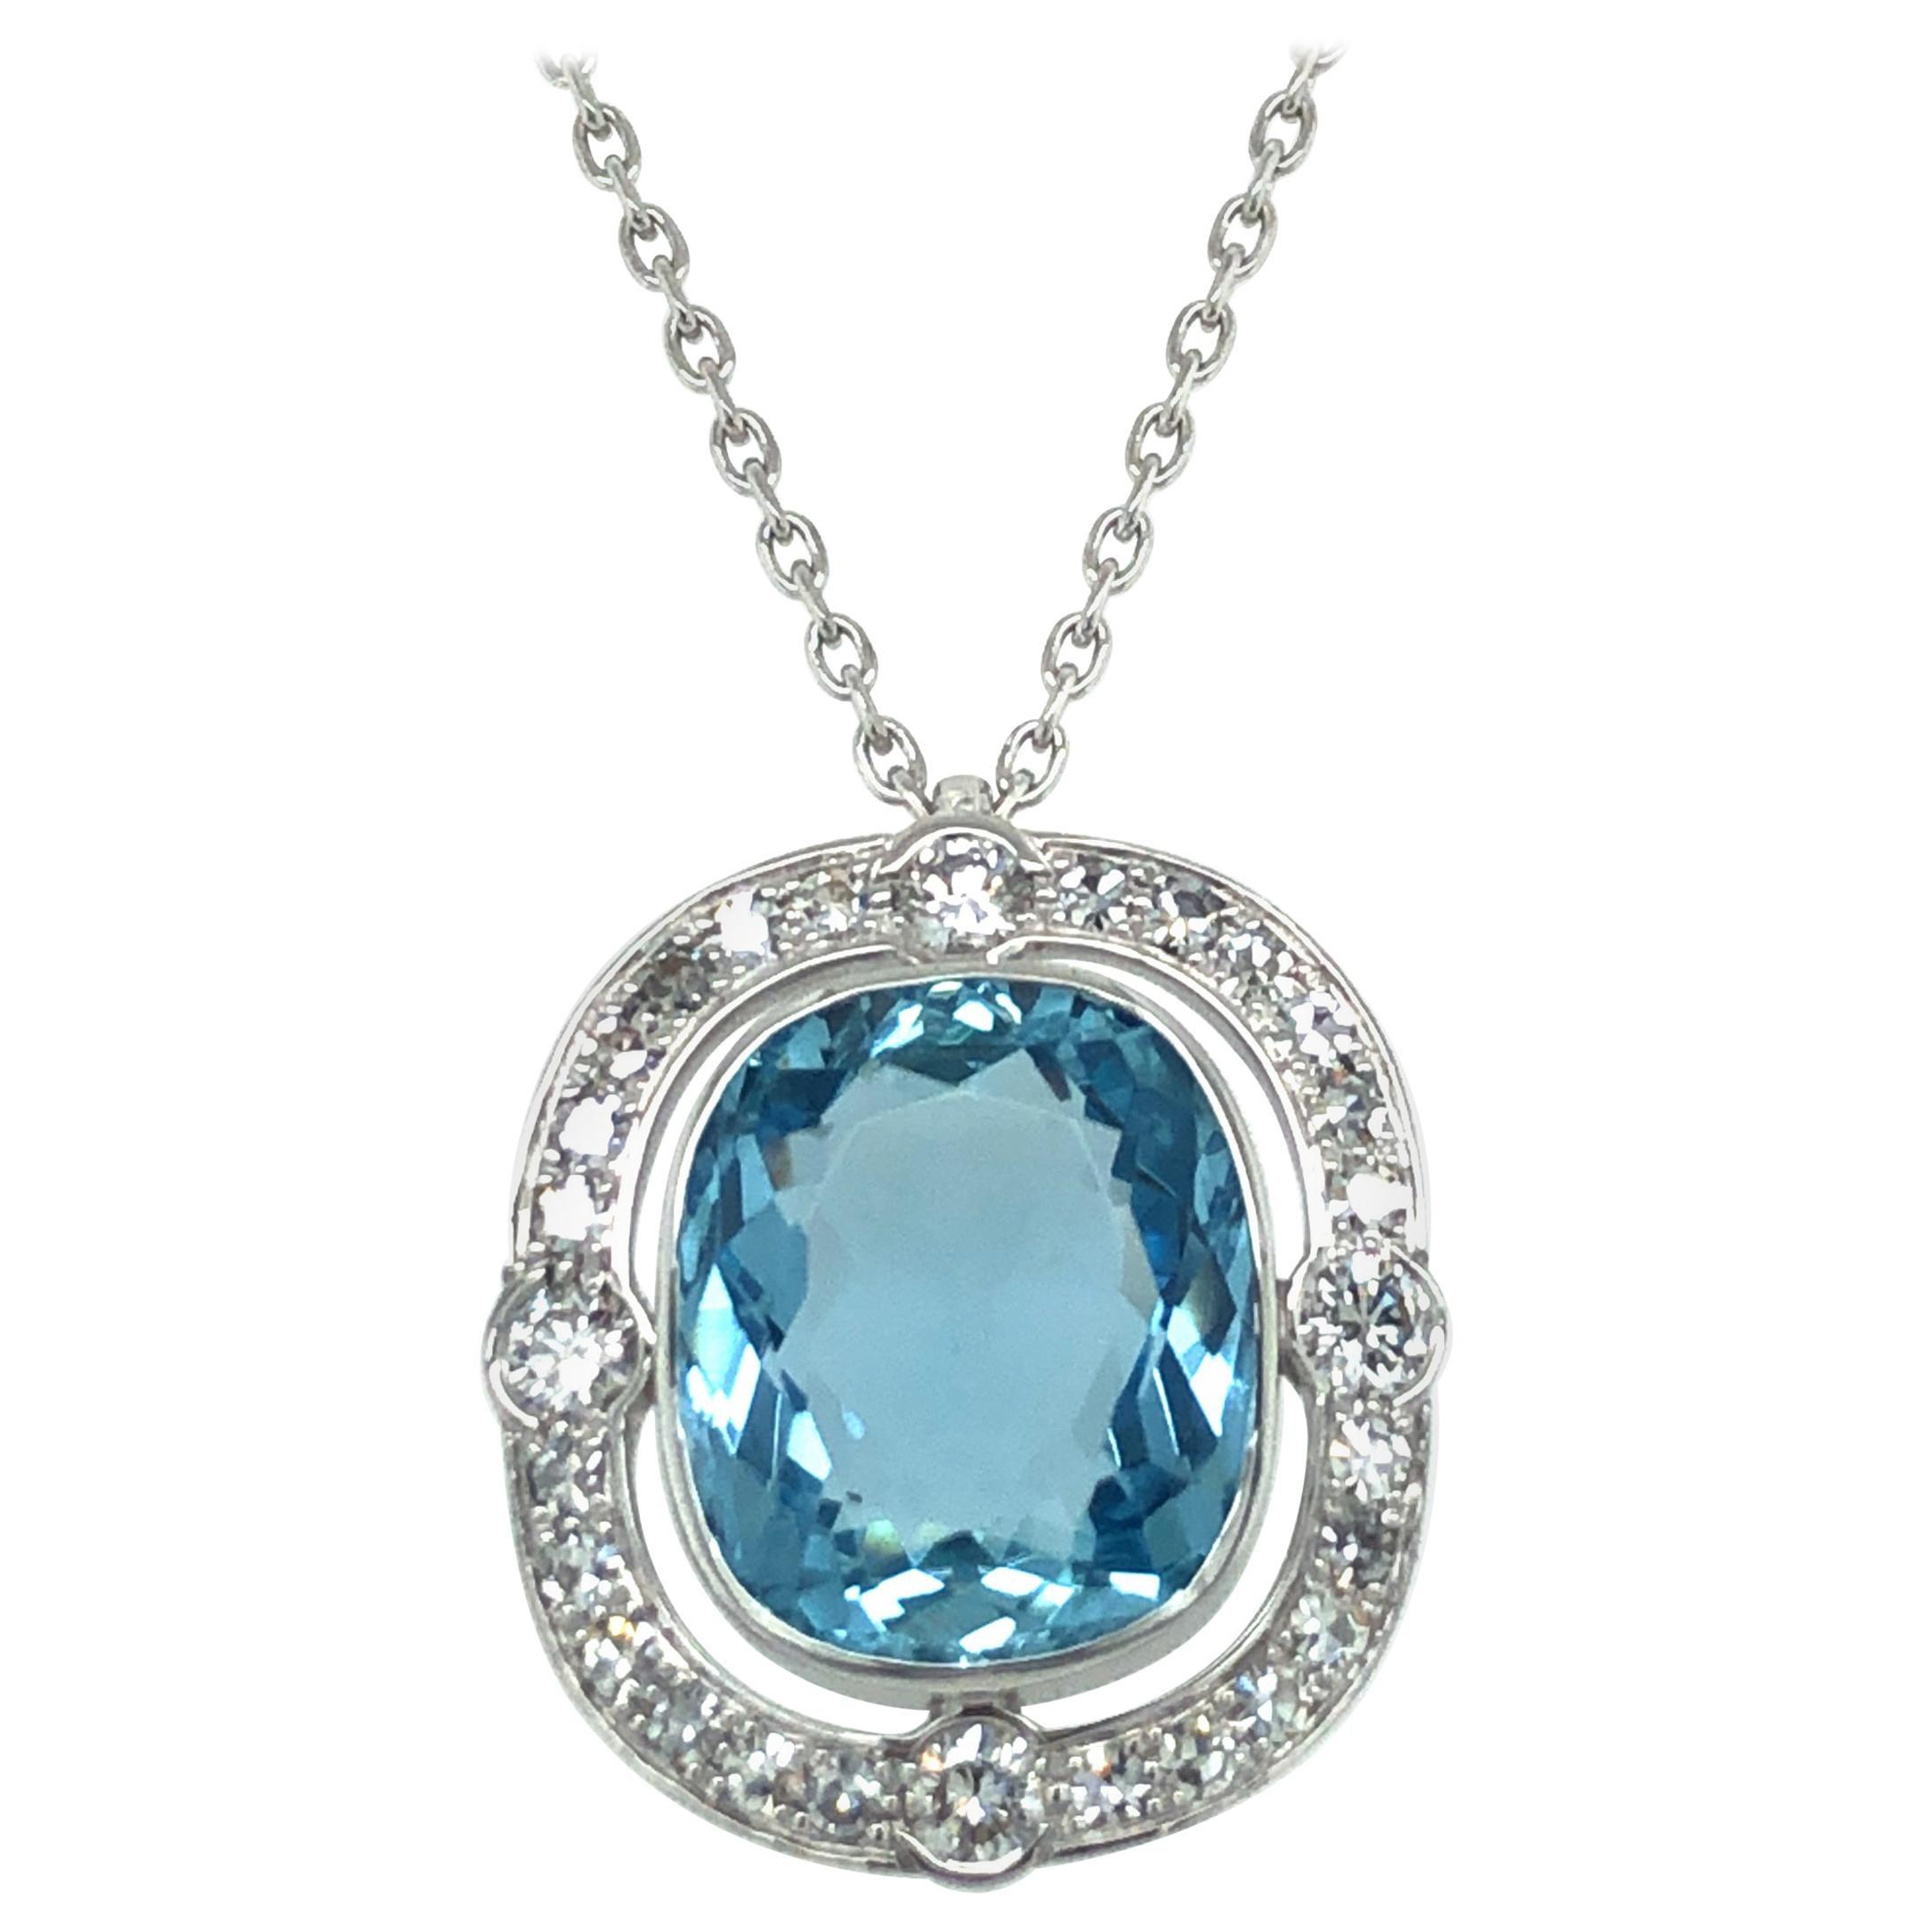 Aquamarine and Diamond Pendant Necklace in Platinum 950 and 18 Karat White Gold